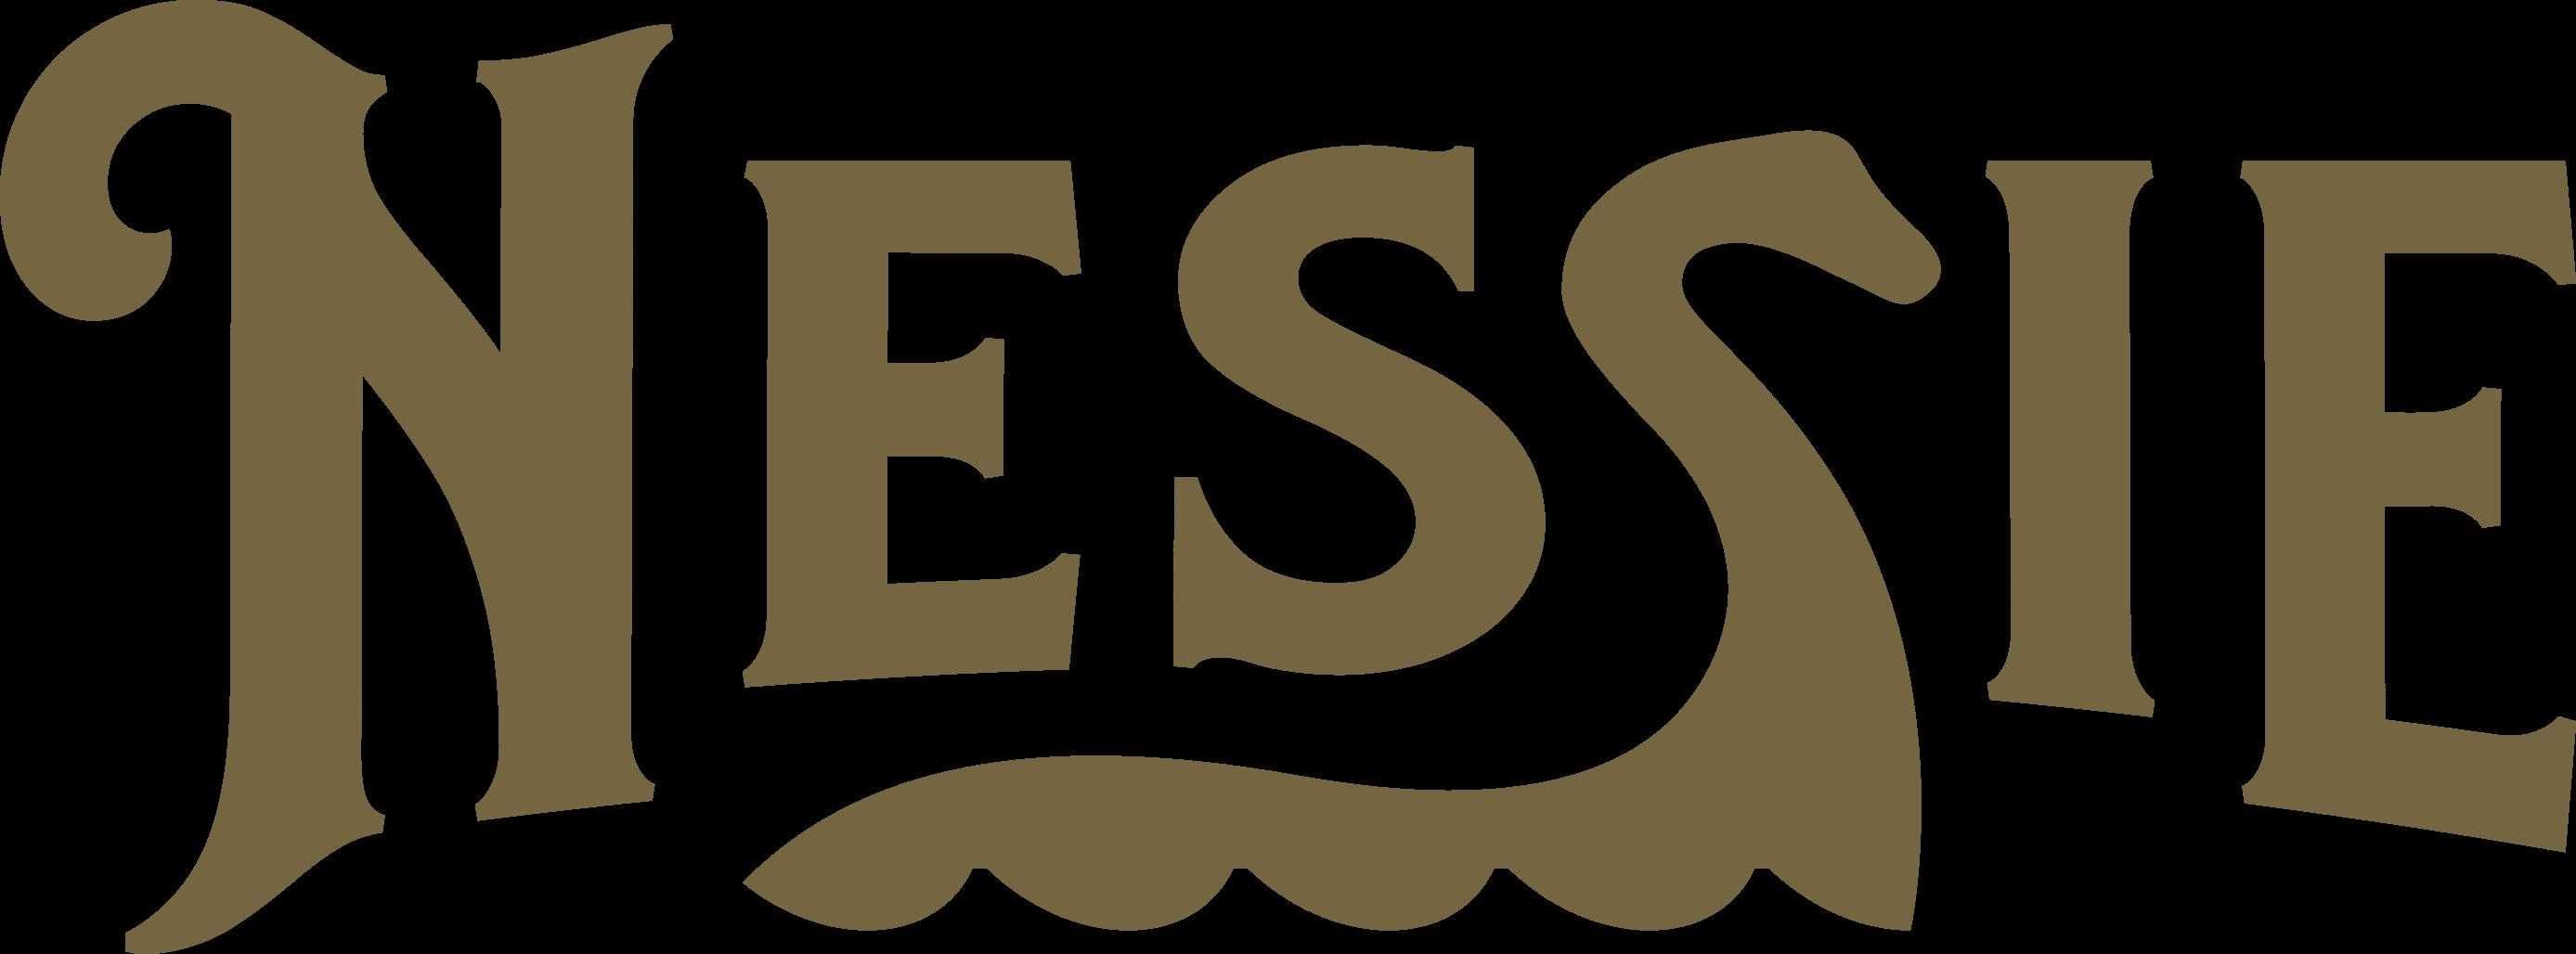 Pub Nessie